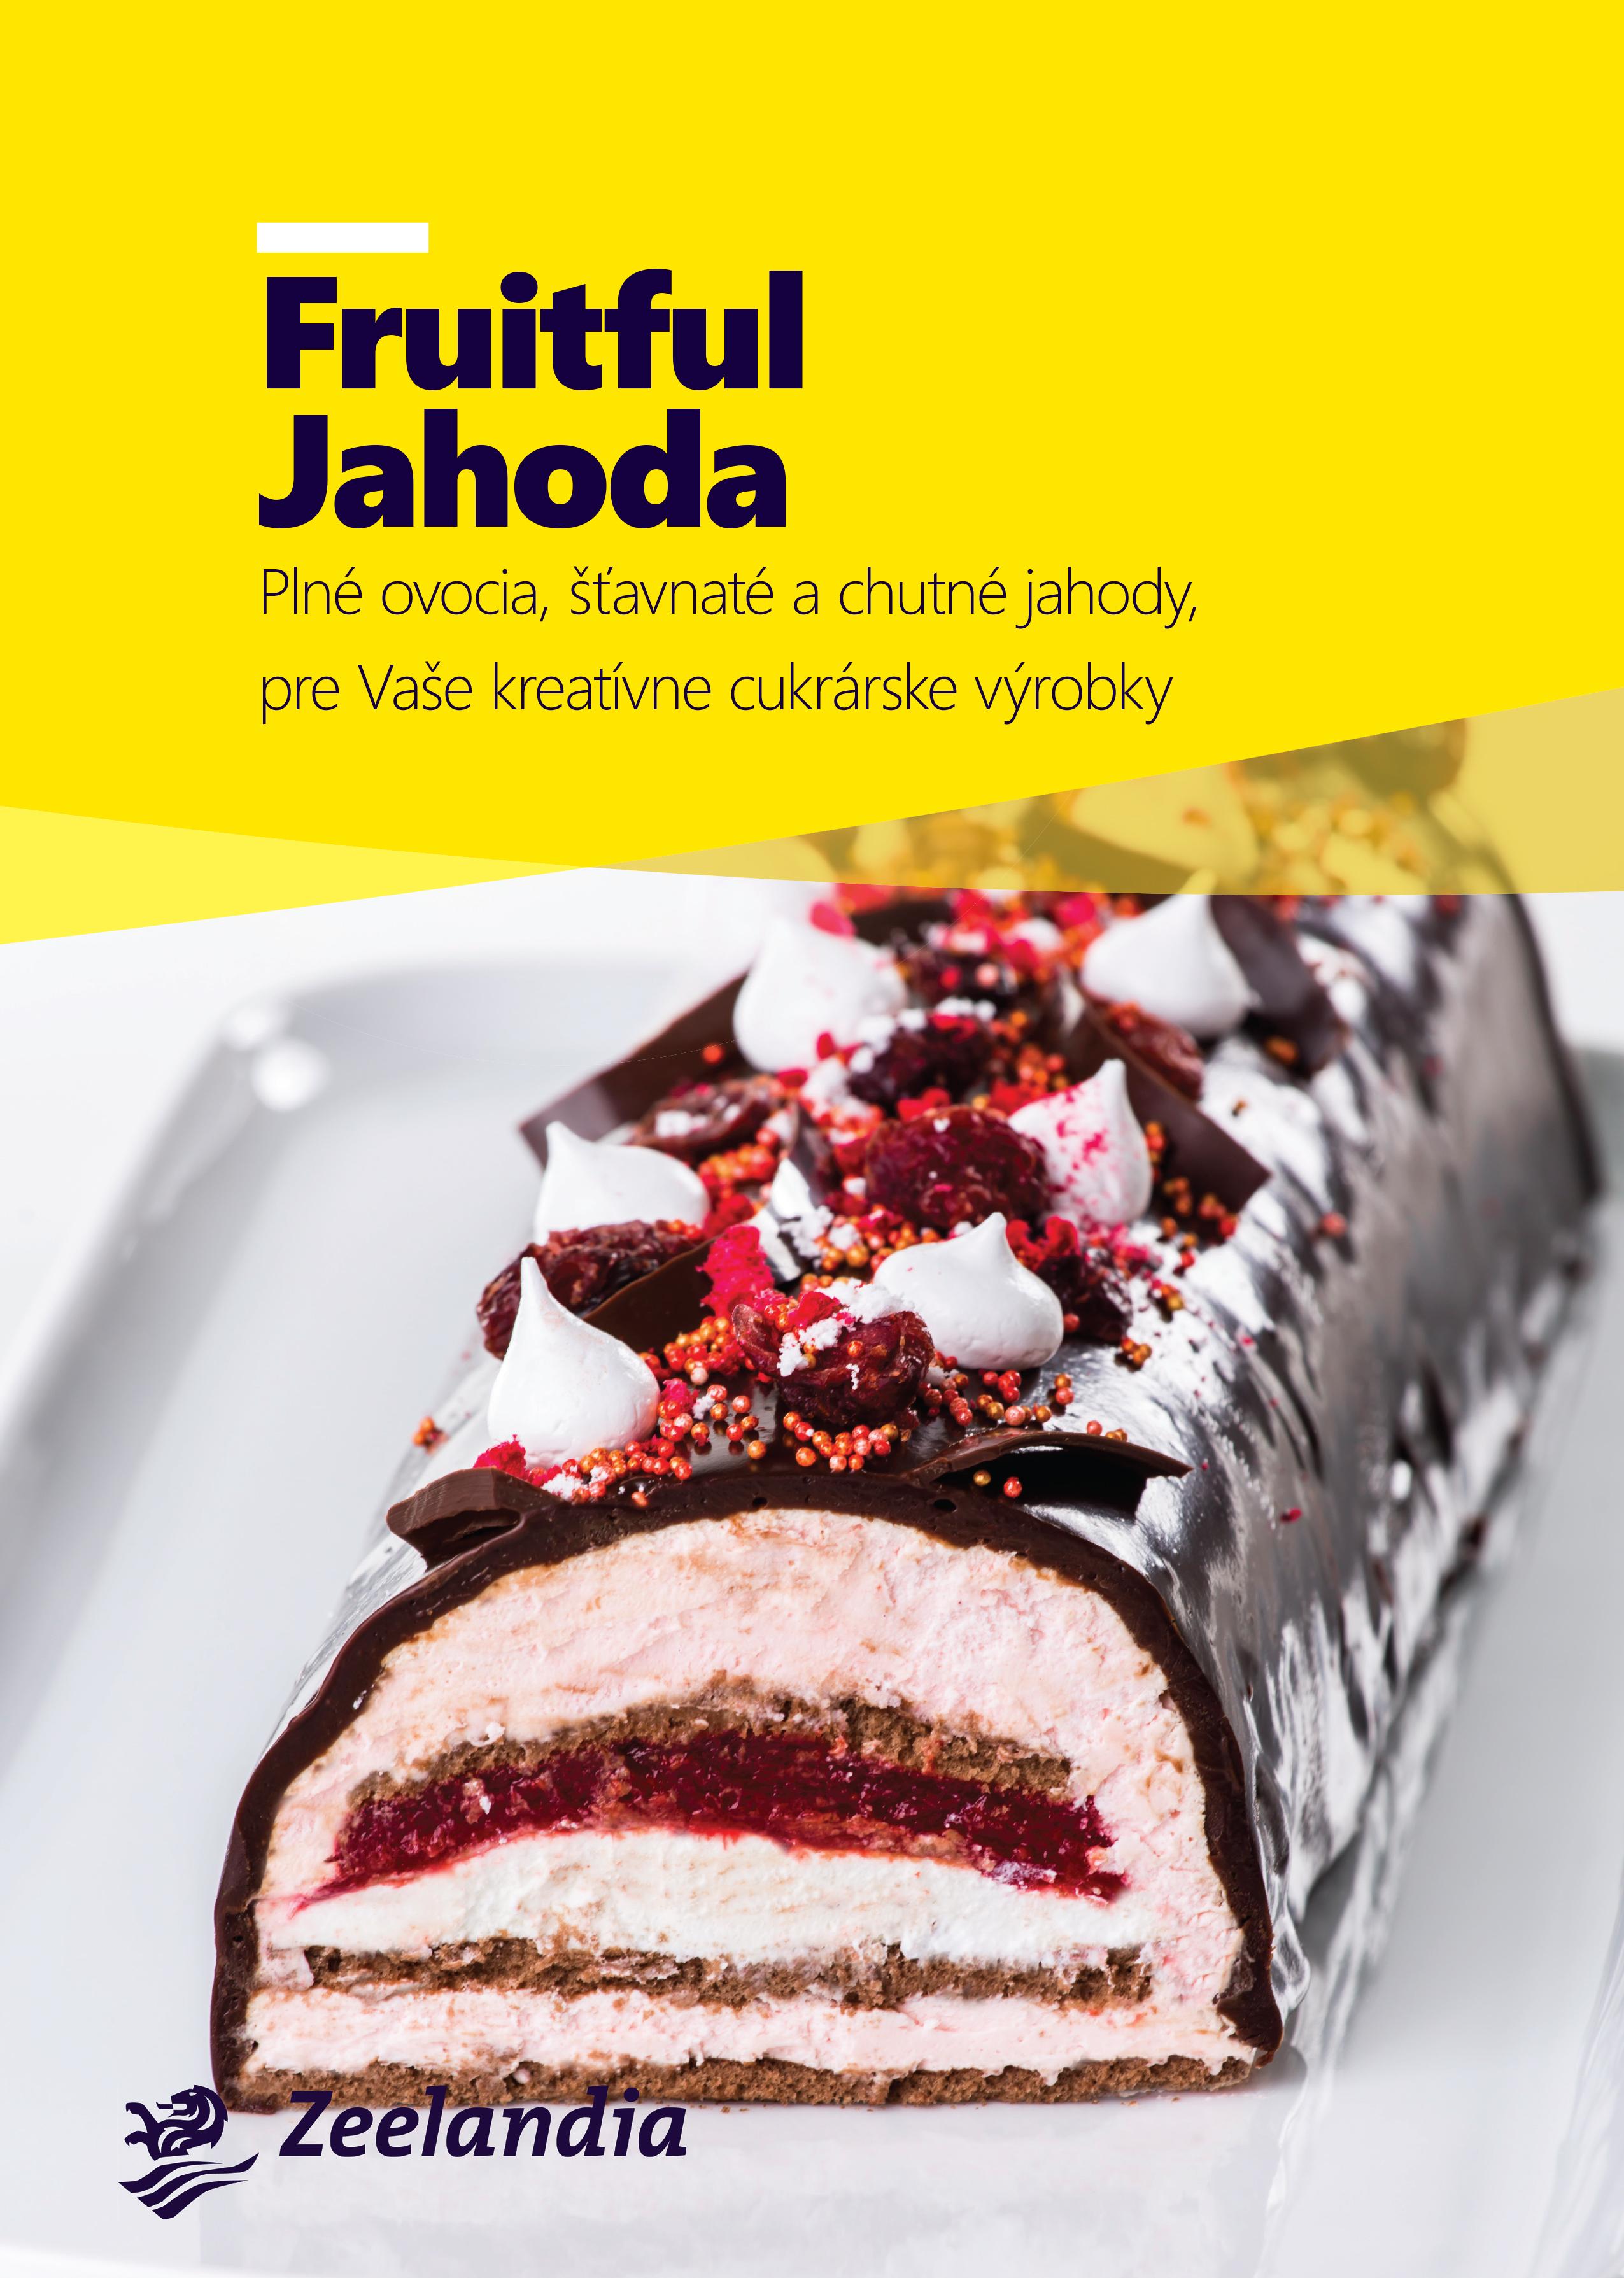 Fruitful Jahoda leták-1.jpg